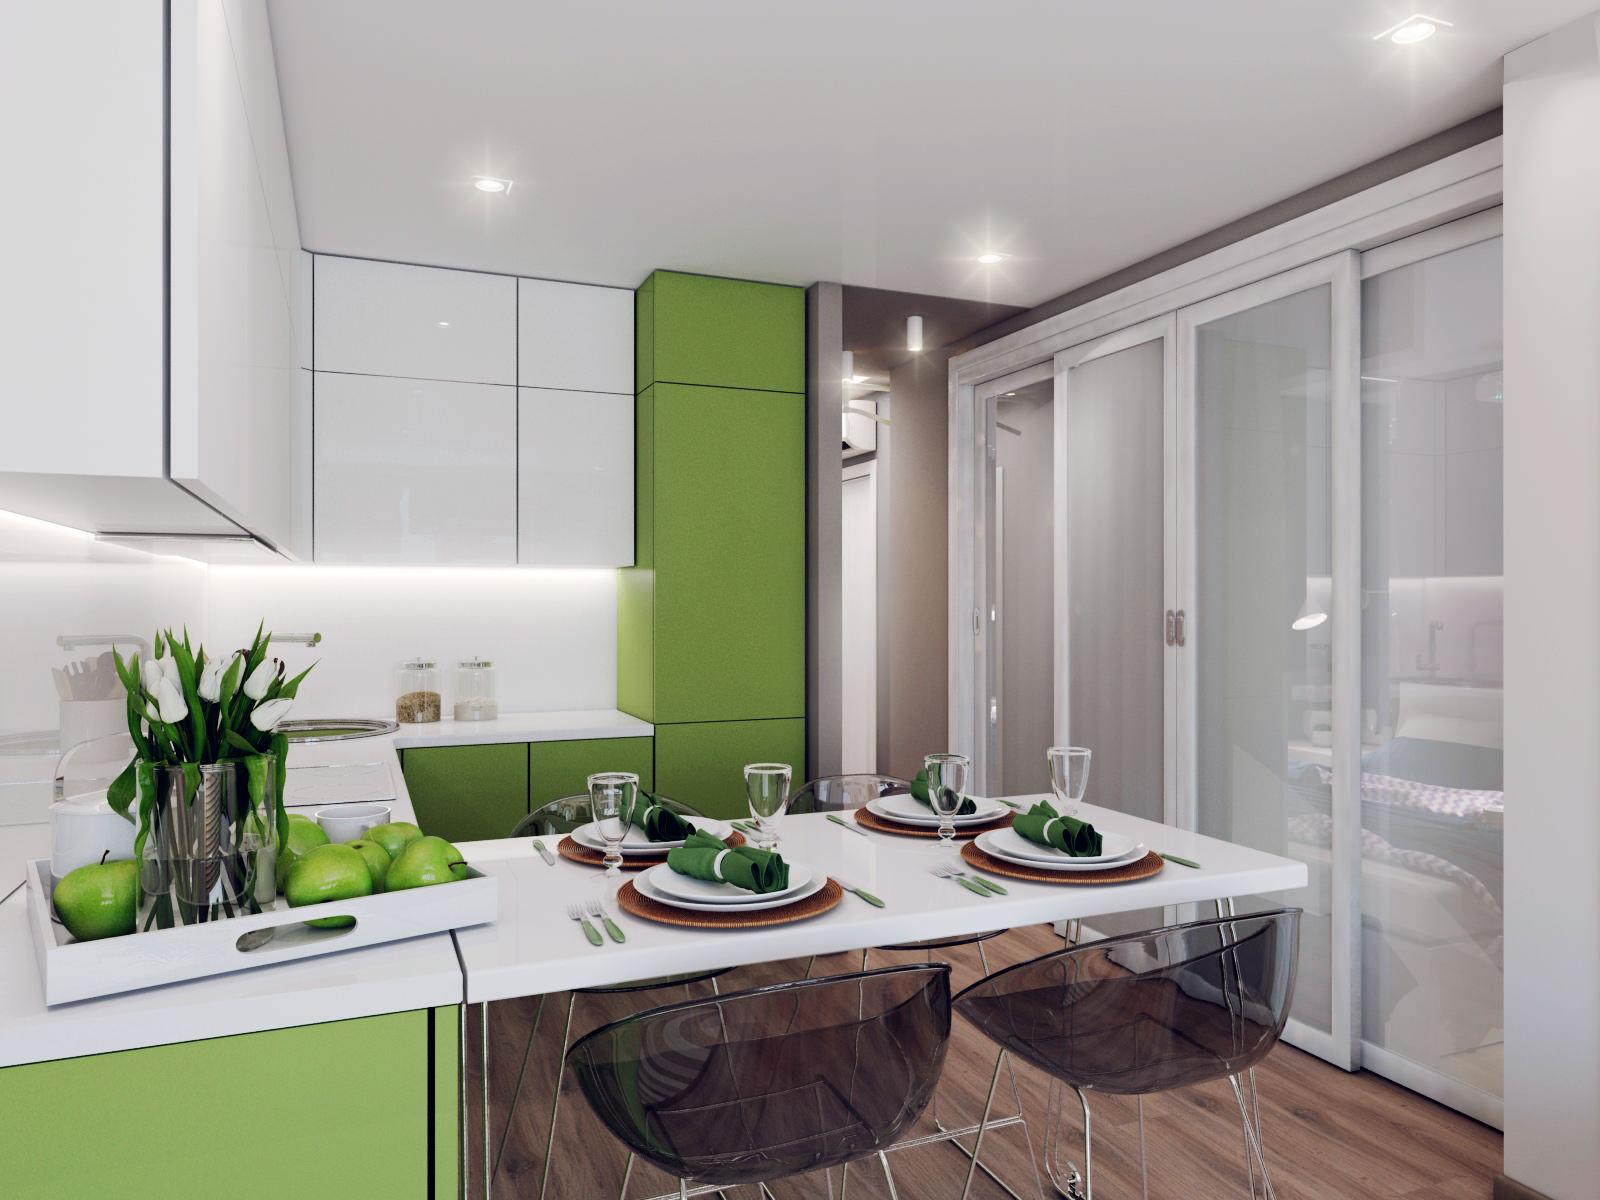 mini-apartament-sas-svej-i-praktichen-interioren-dizain-44-m-3g